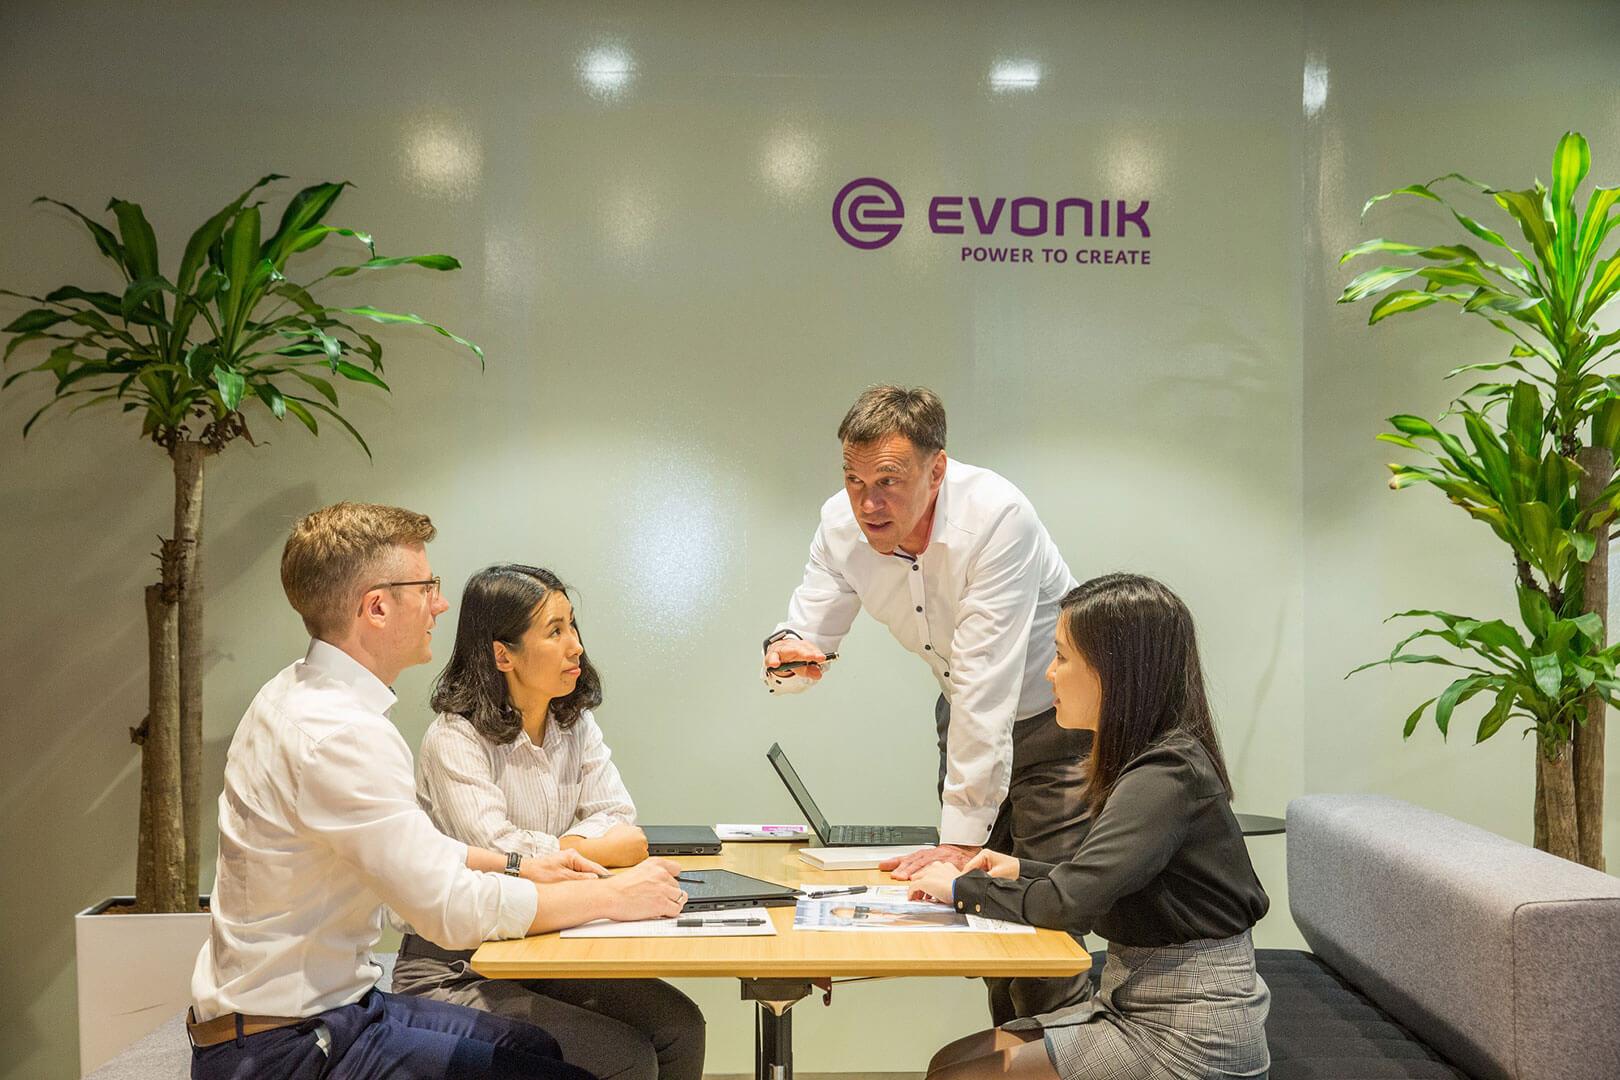 Mitarbeiter von Evonik in einem Meeting